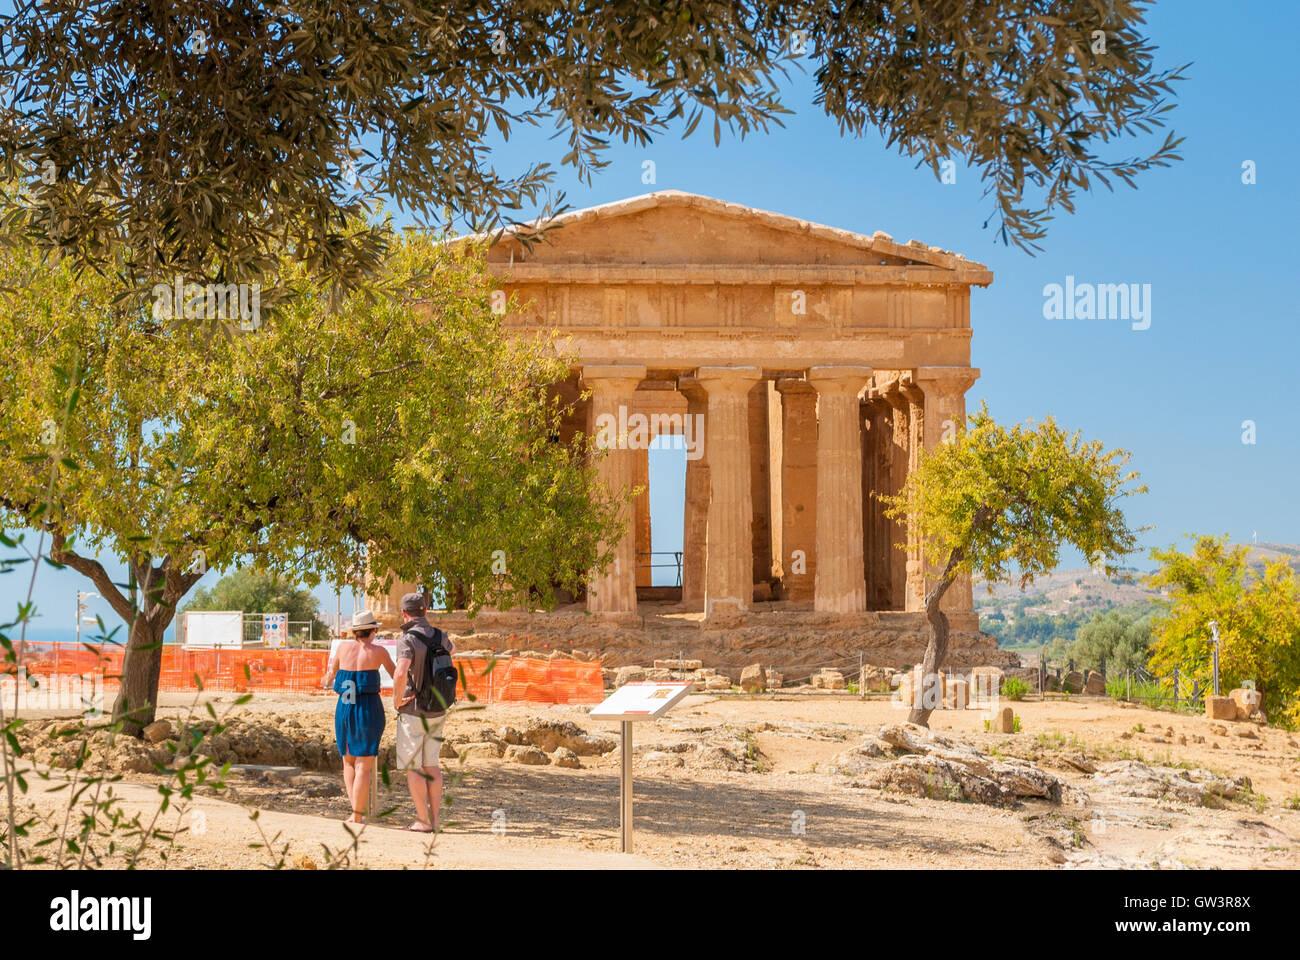 Vista frontale del tempio greco di Concordia nella valle dei templi di Agrigento (Sicilia) Immagini Stock